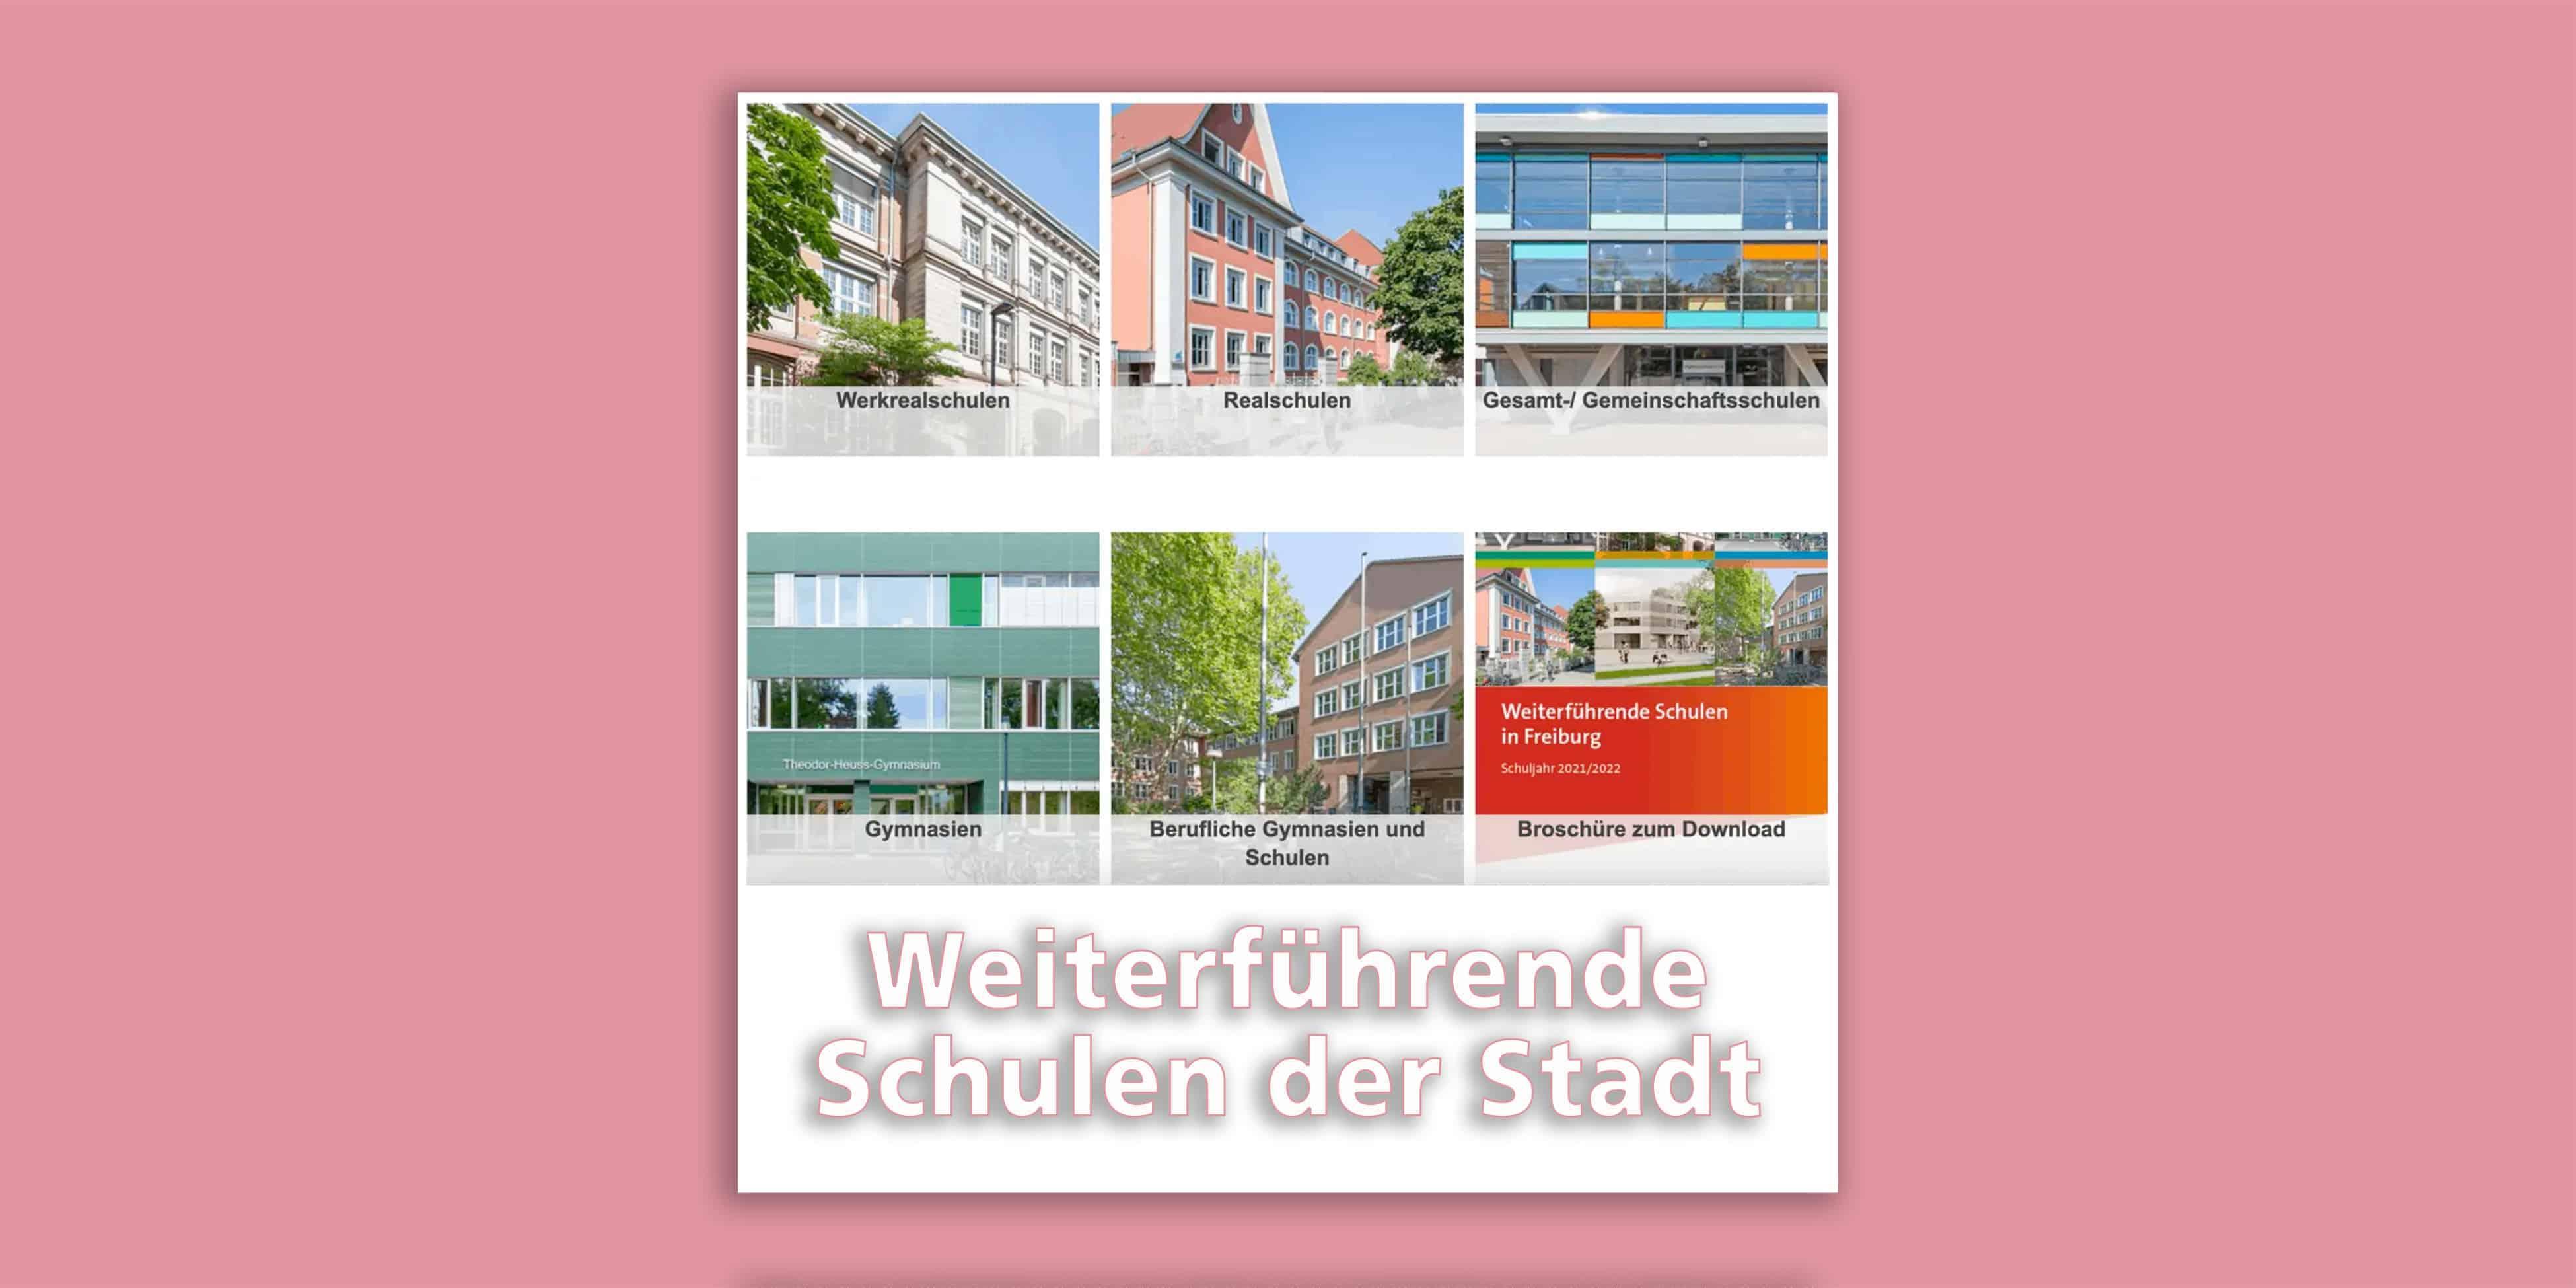 Weiterführende Schulen in Freiburg